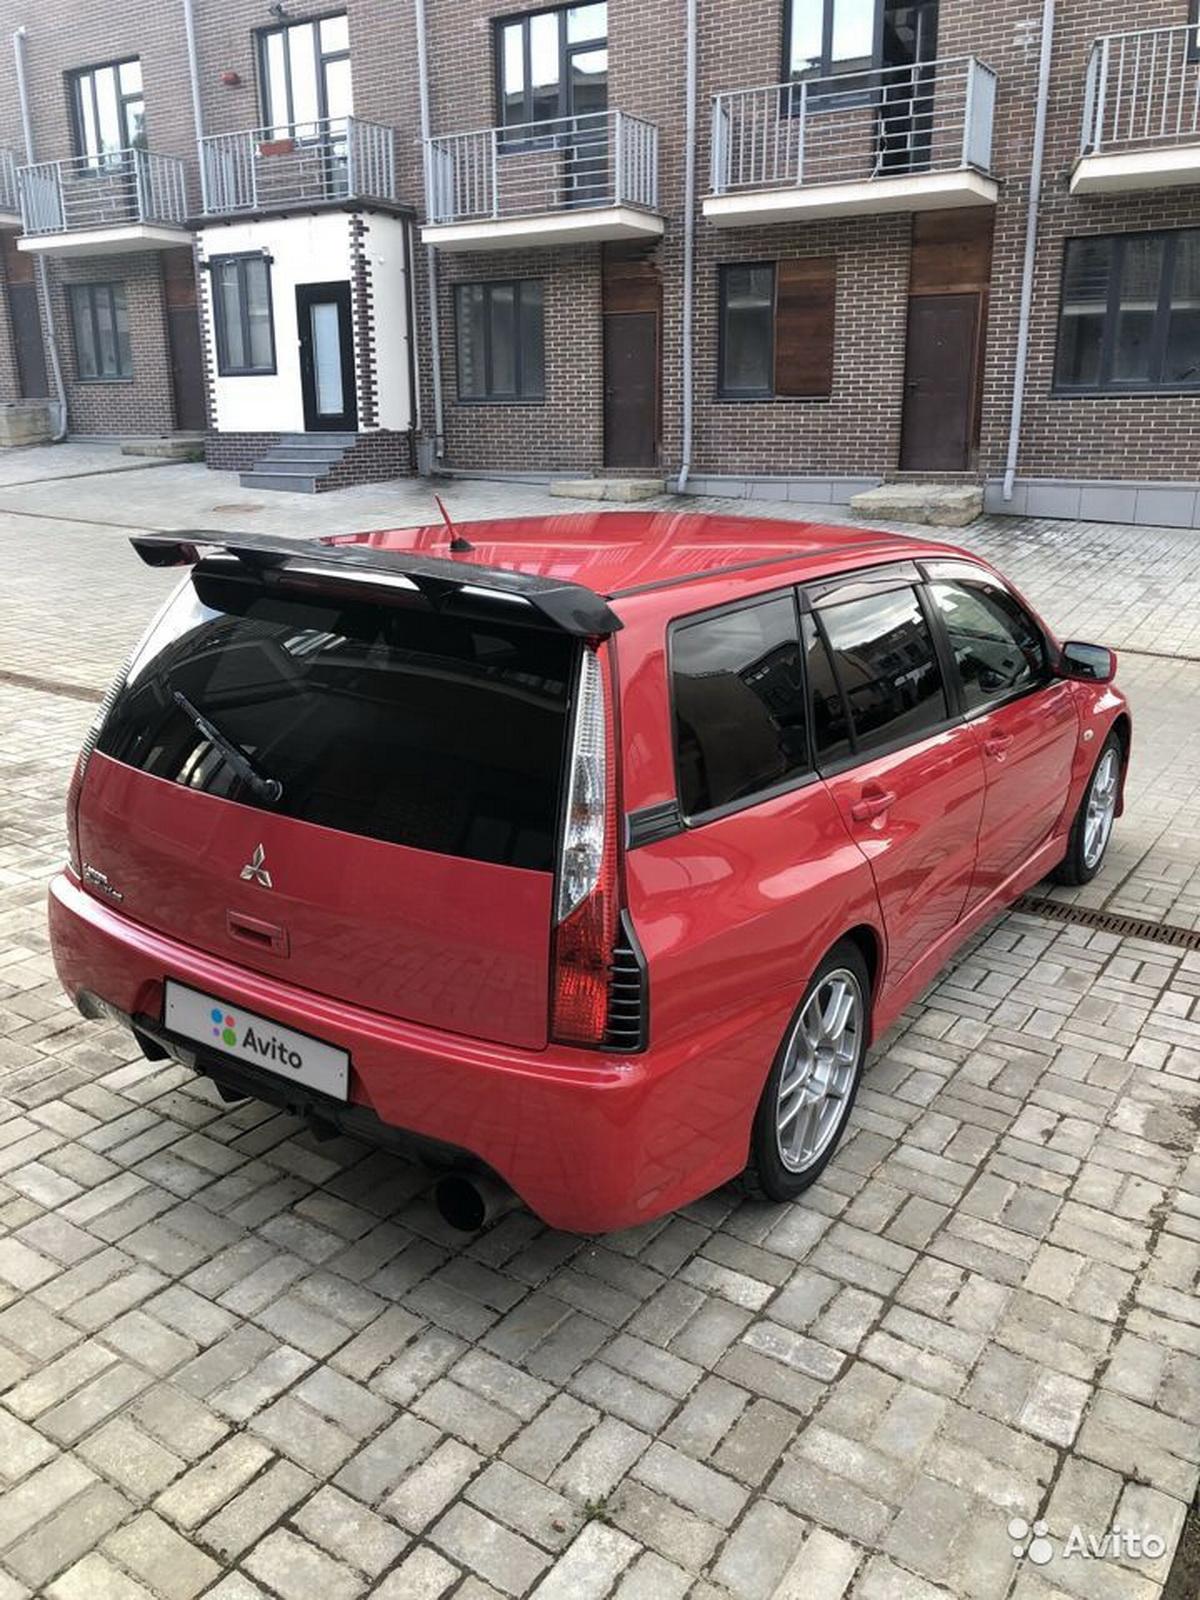 Mitsubishi_Lancer_Evo_IX_Wagon_0002